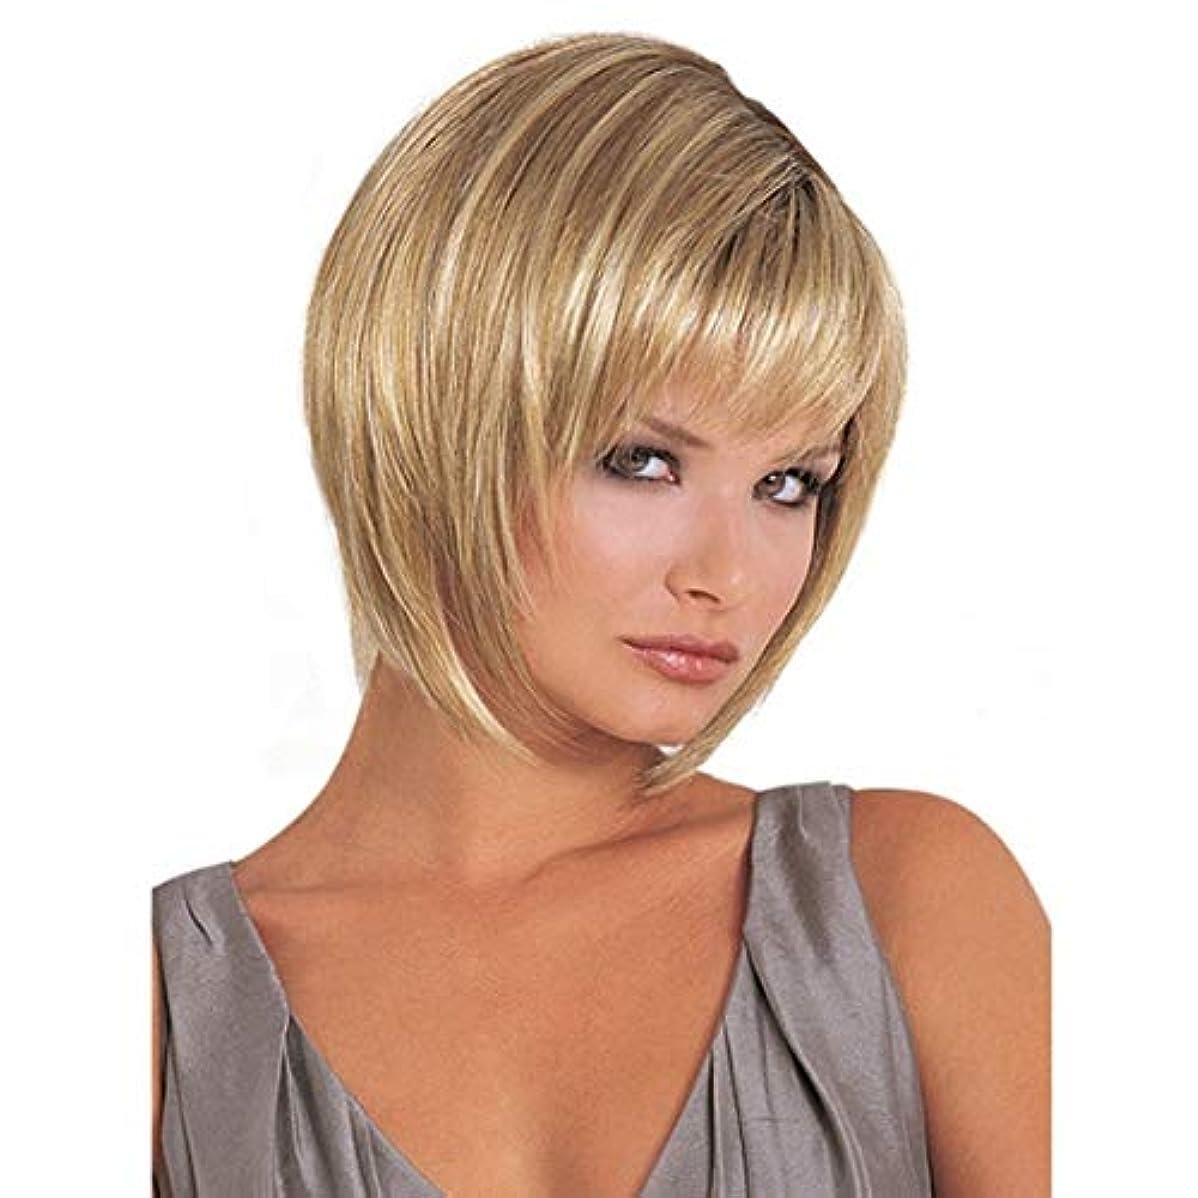 一見提供されたマンハッタンKerwinner ふわふわのマイクロボリューム現実的なかつら女性のための短いカーリーナチュラルカラーゴールドかつら白髪用かつら20cm / 25cm